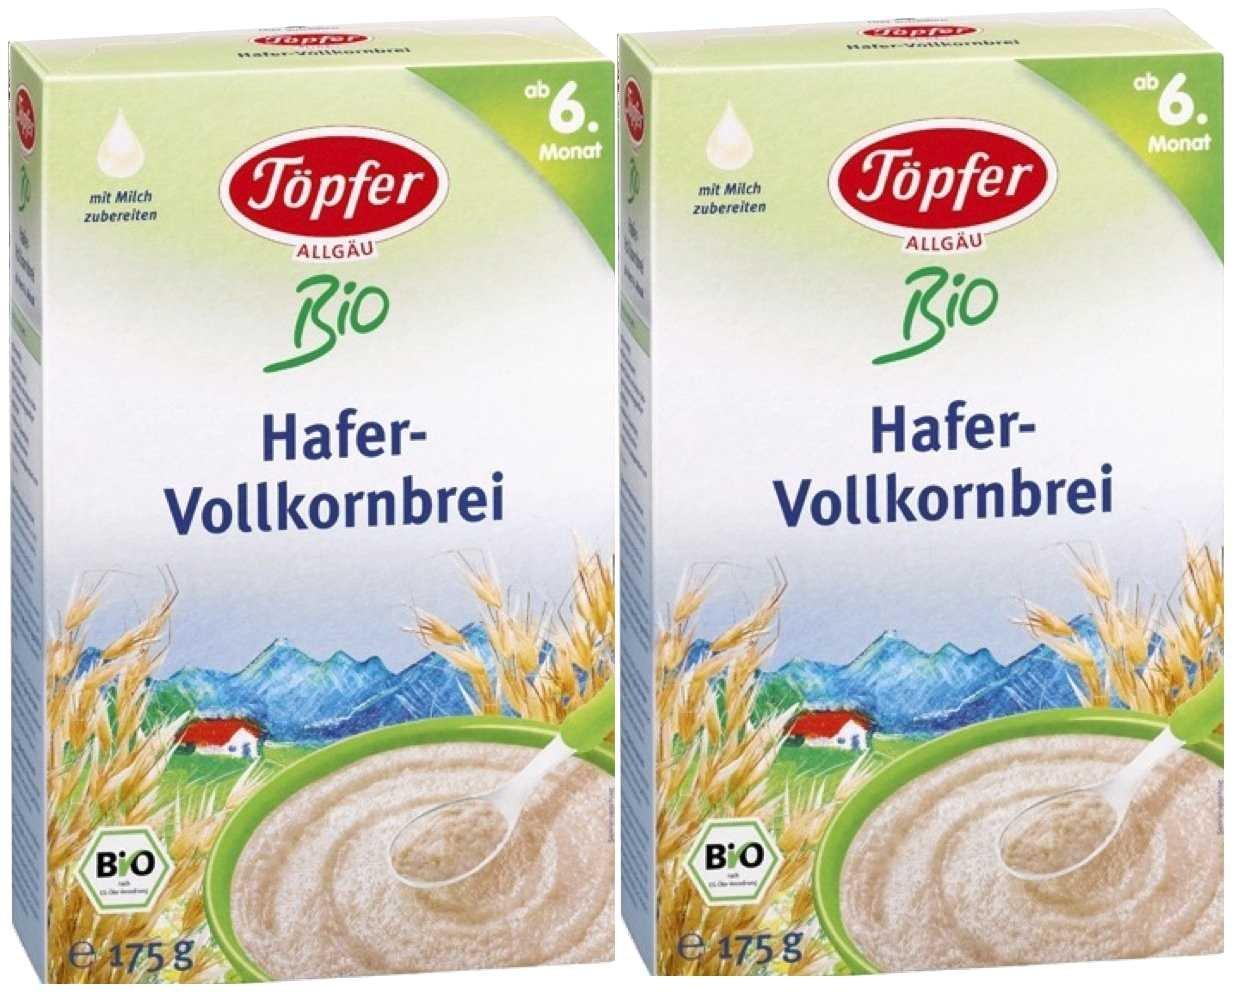 Tö pfer Bio-Hafer-Vollkornbrei, 2er Pack (2 x 175g) Töpfer GmbH